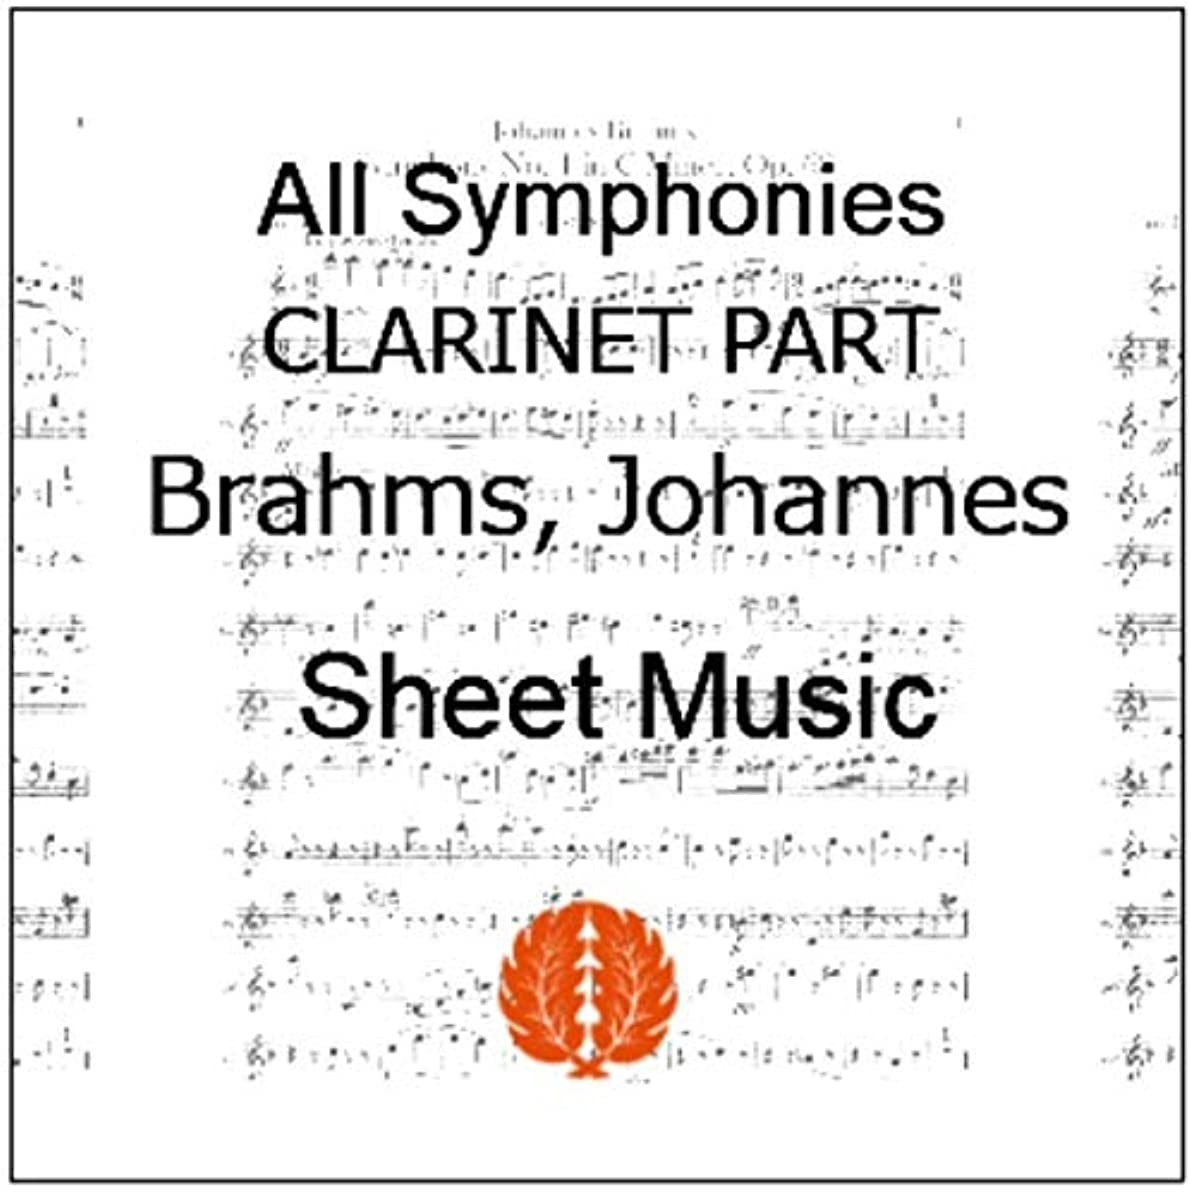 楽譜 pdf ブラームス 交響曲 全曲 全楽章 クラリネット パート譜セット